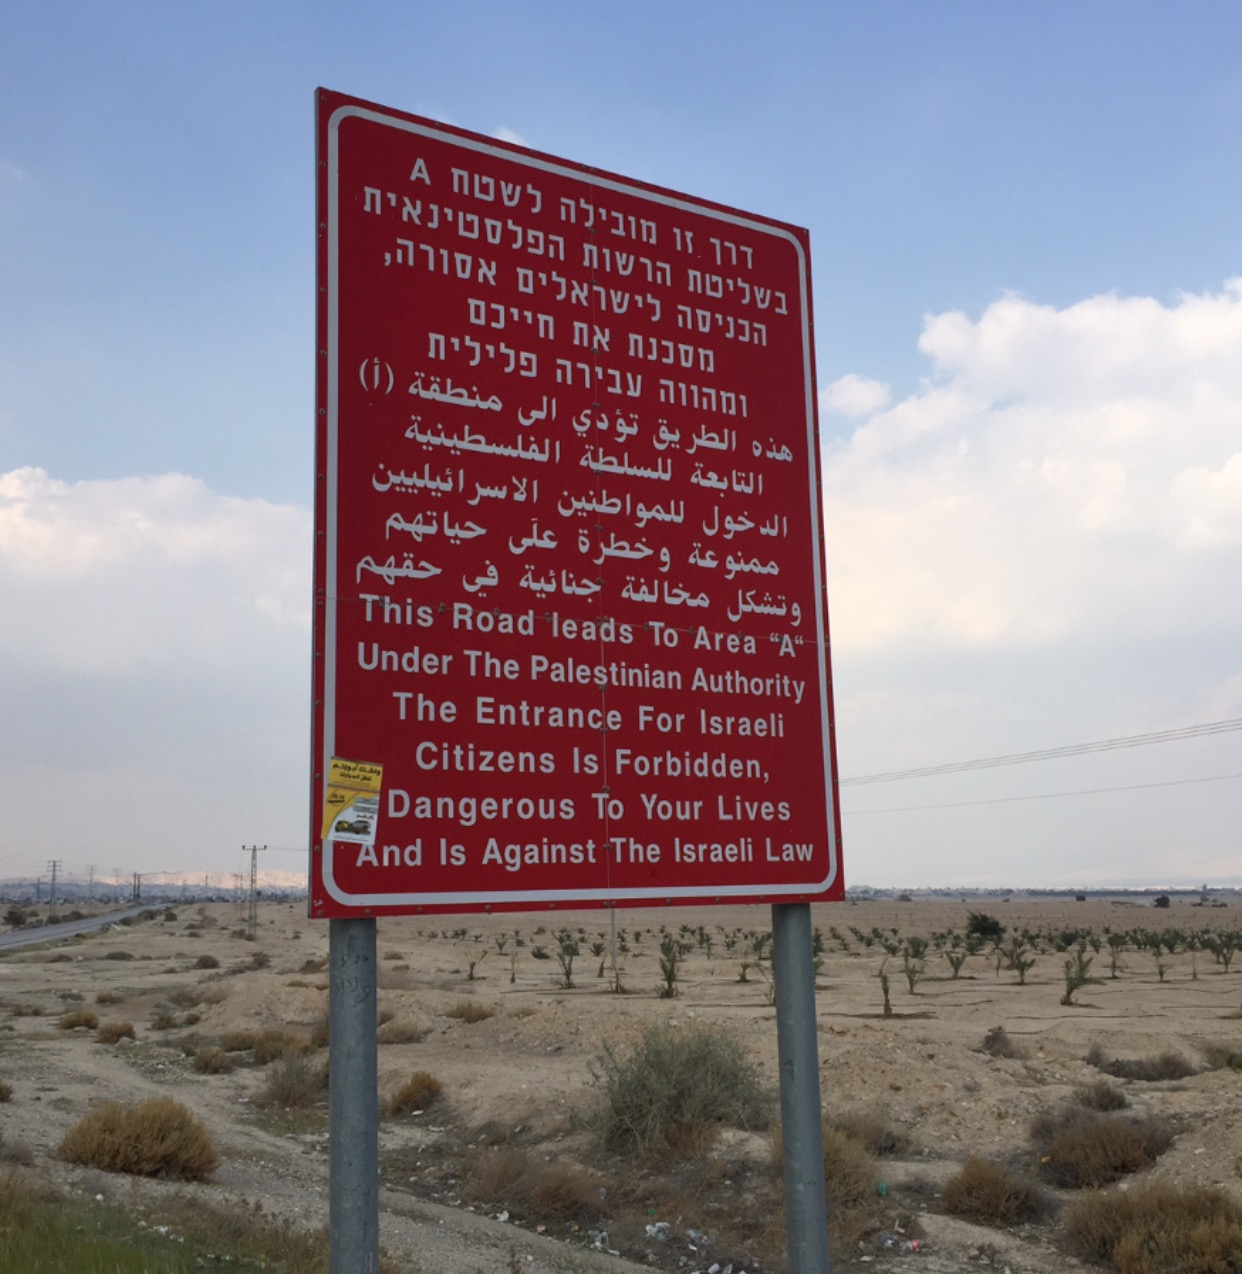 Señalamiento que advierte a los israelíes que no pueden entrar a territorios dominados por los palestinos. Foto: Aurelia Fierros.